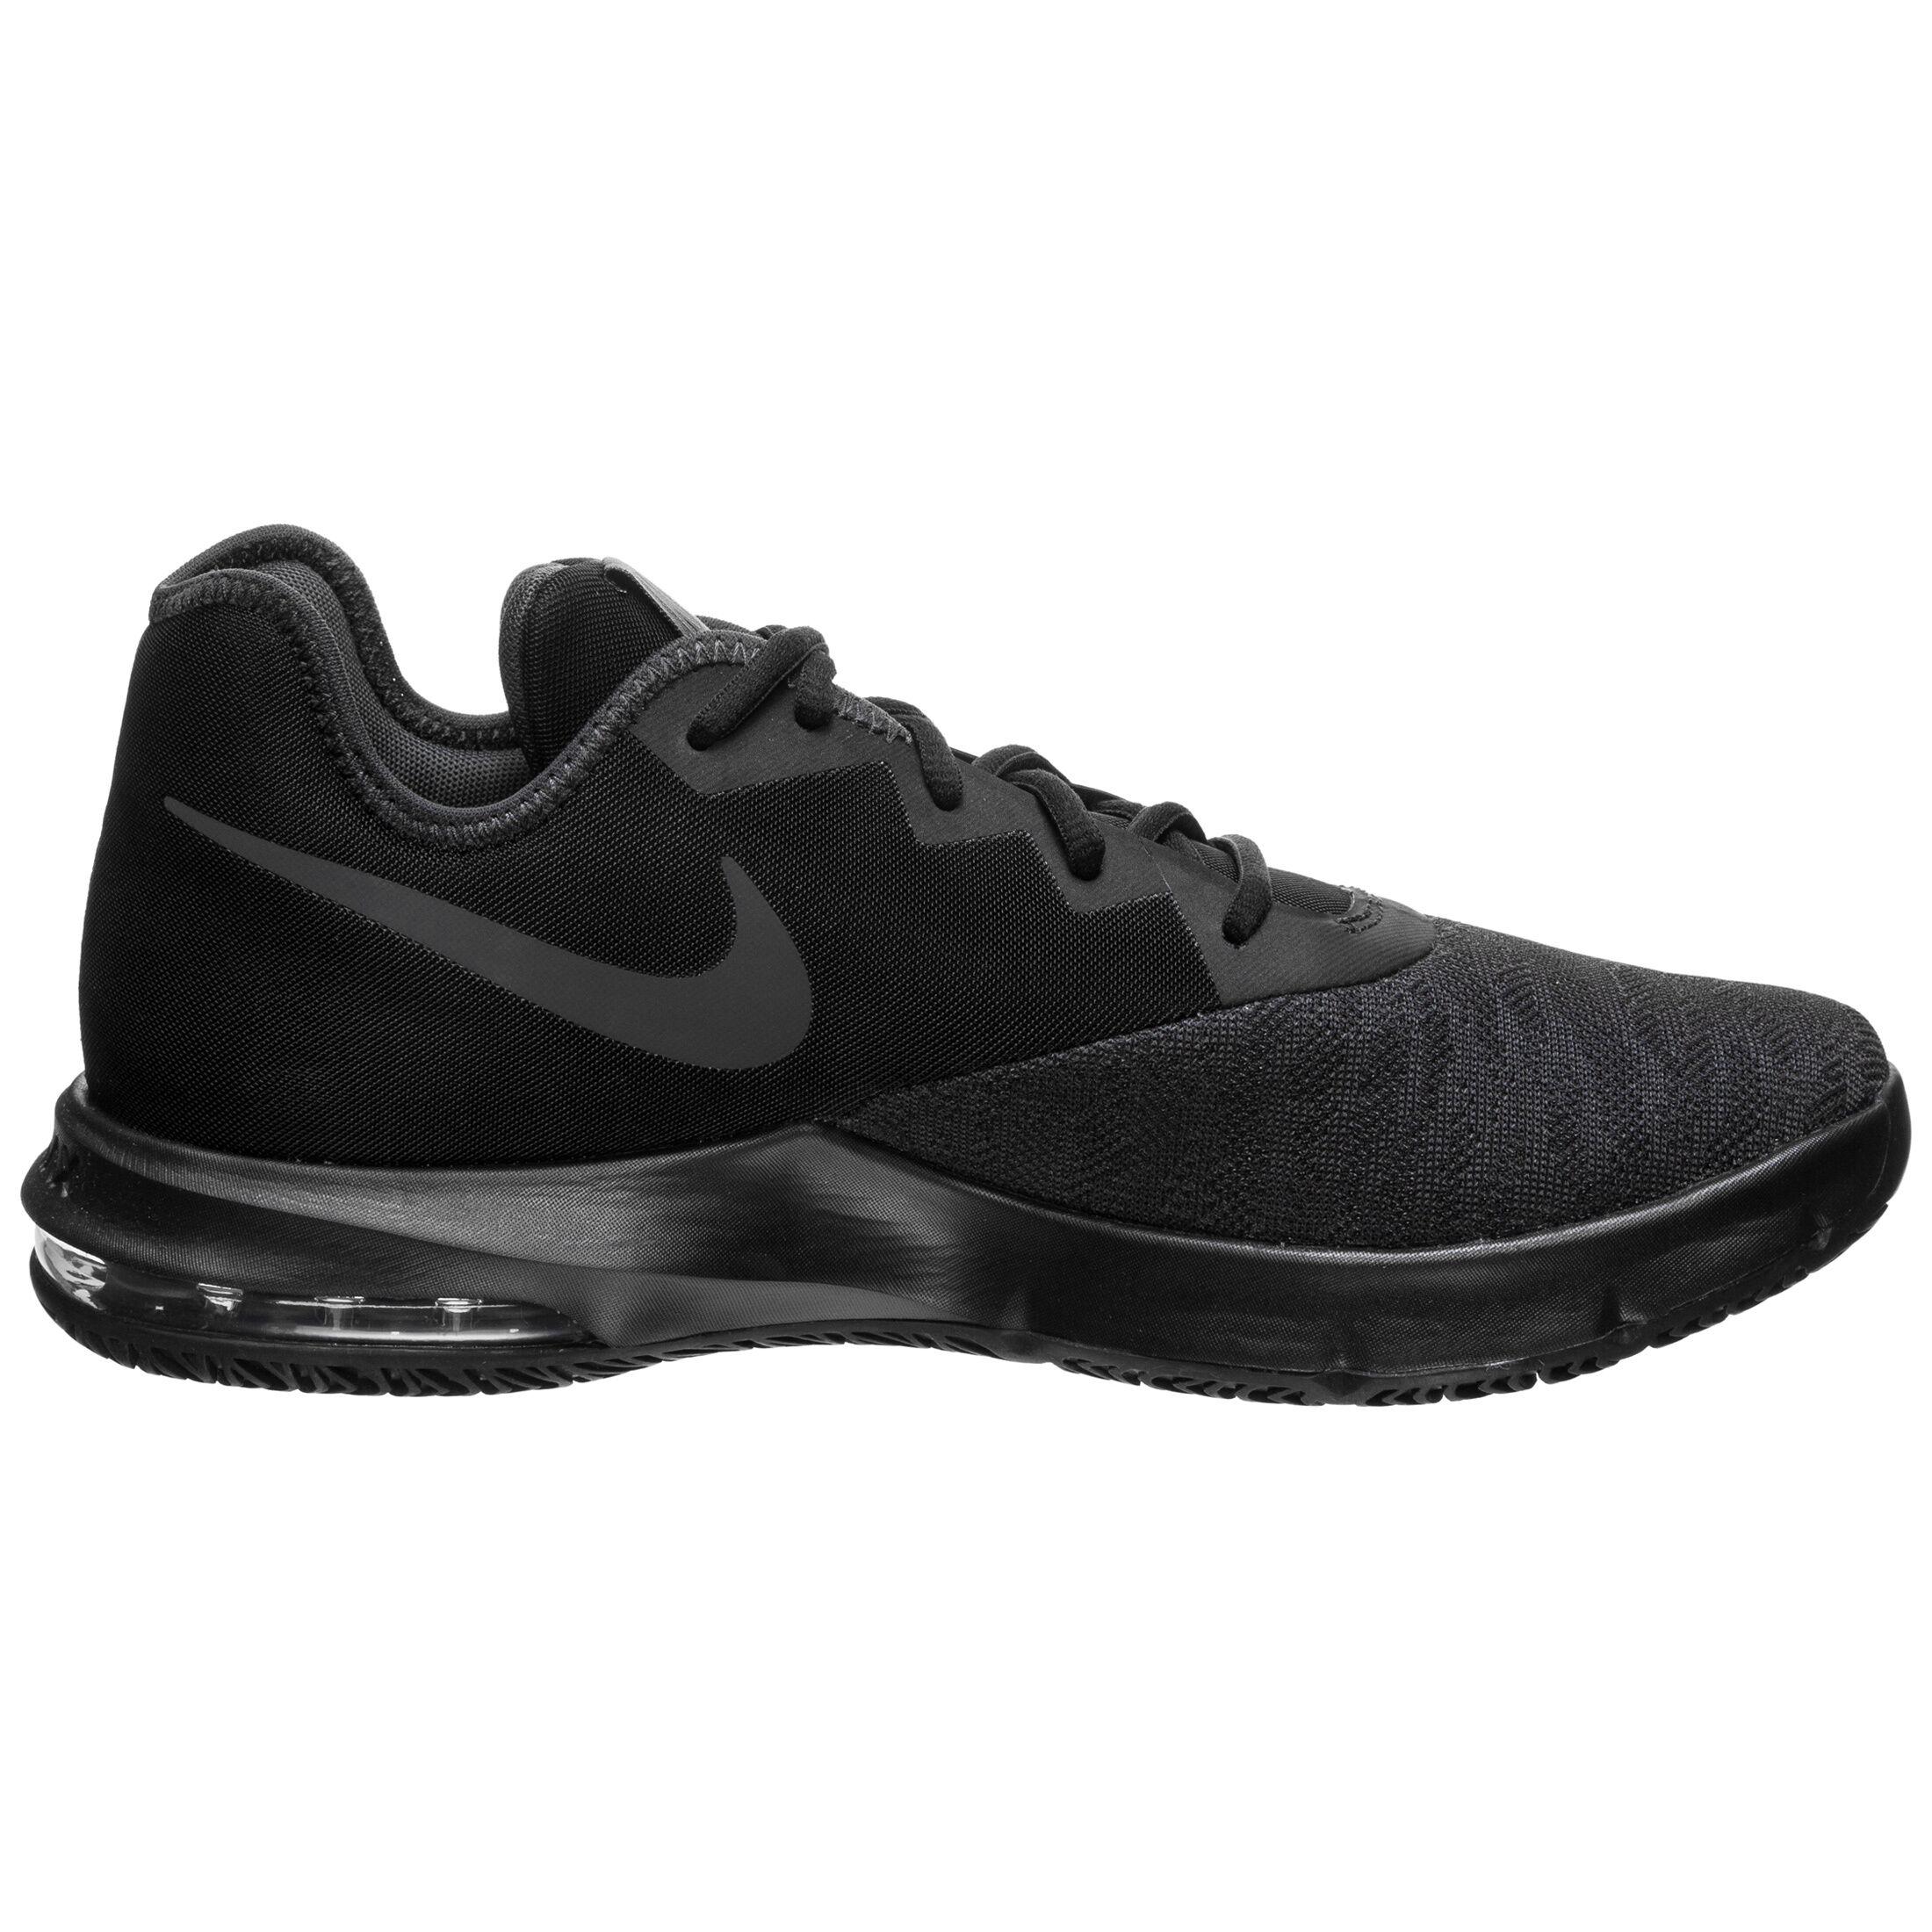 Nike Performance Air Max Infuriate Iii Low Basketballschuhe